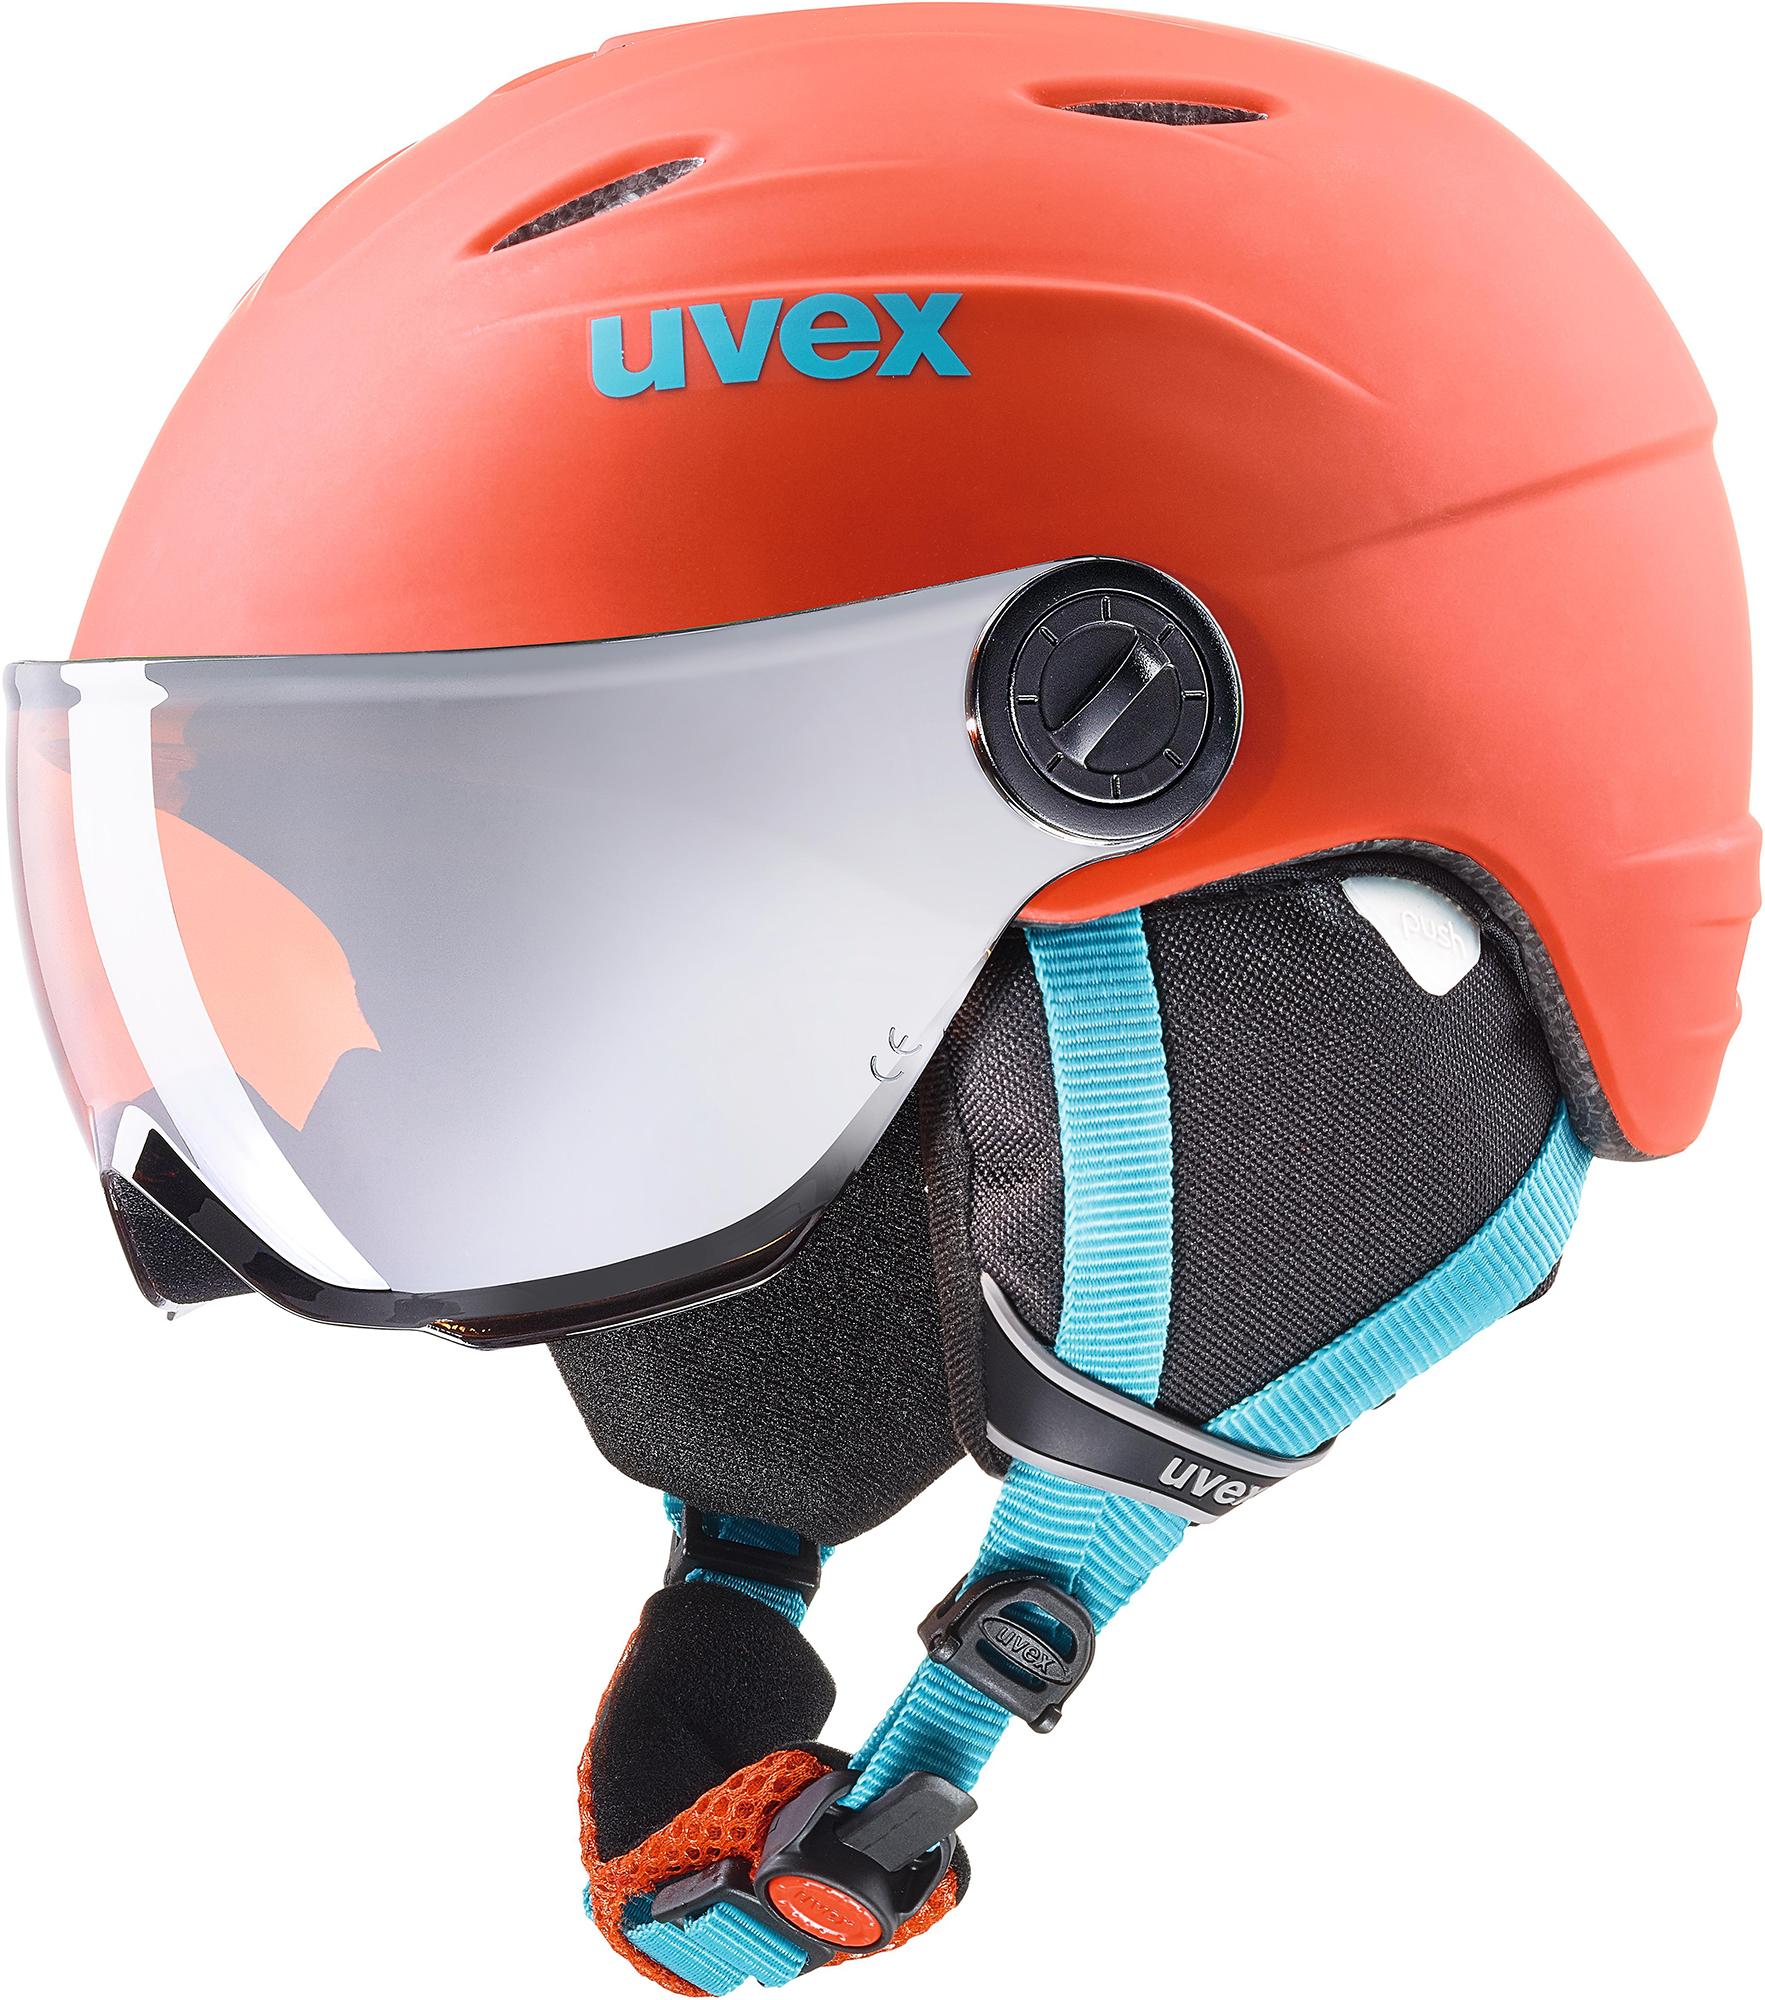 Uvex Шлем детский Uvex Visor Pro, размер 57-58